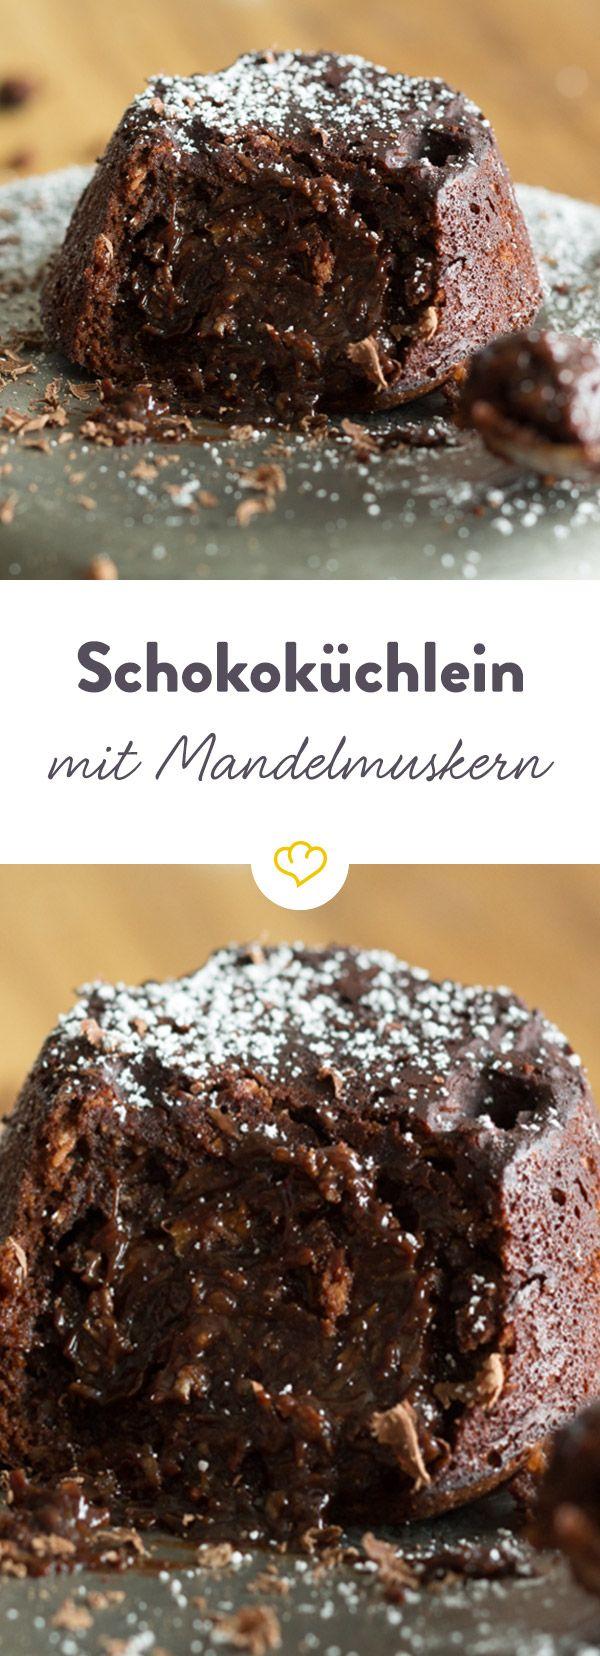 Wenn Schokolade auf Mandeln trifft, gibt es kein Halten mehr. Gesund und lecker - dieses Schokoladenküchlein mit flüssigem Mandelmus ist jede Sünde Wert..